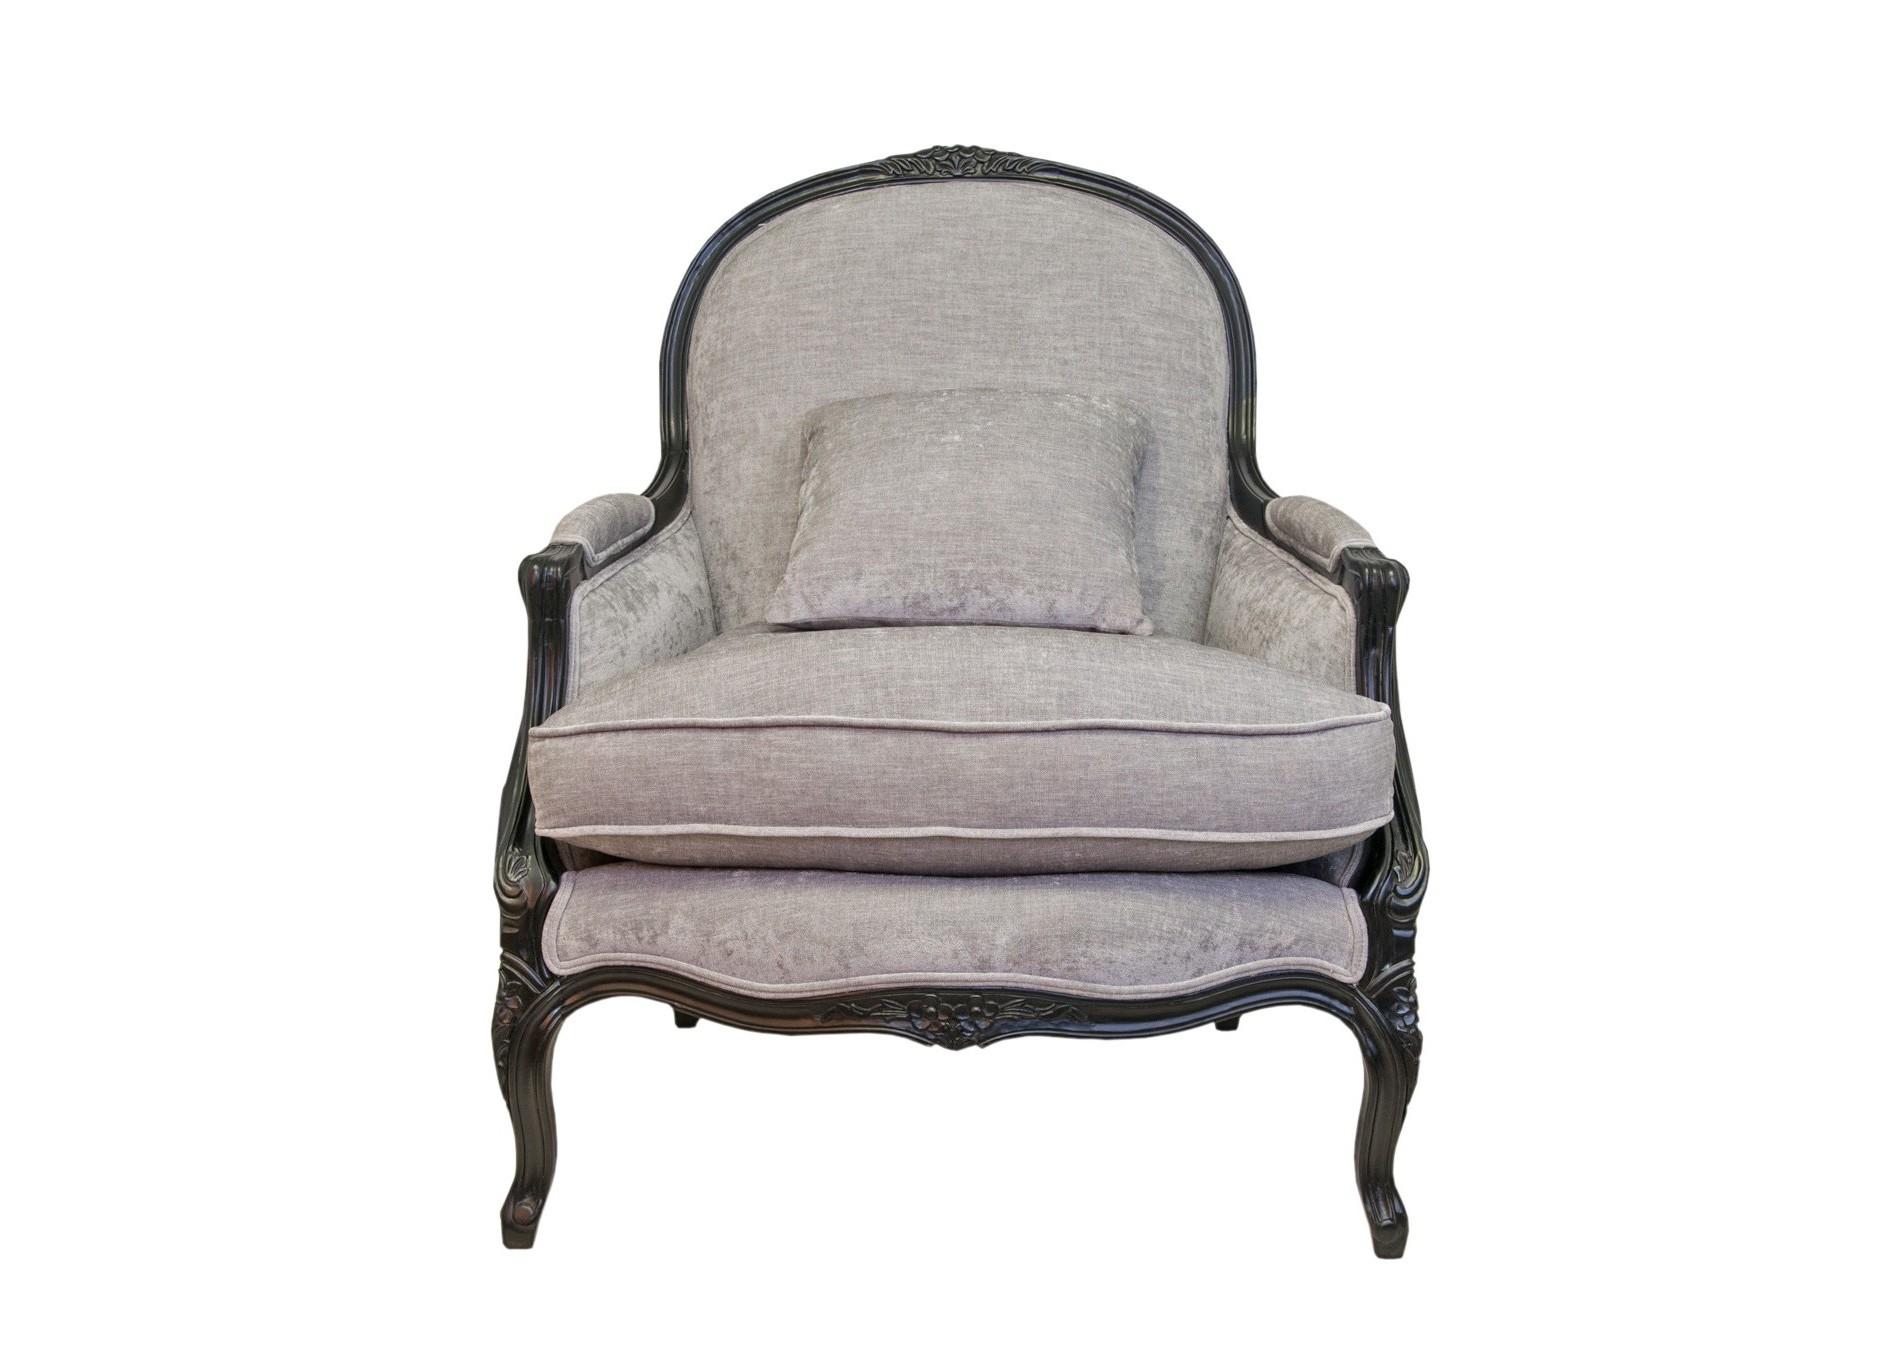 Кресло классическое AldoИнтерьерные кресла<br>Кресло Aldo — элегантная модель в стиле классика, которая потрясает своей красотой и удобством. У него изящные резные ножки, локотники в виде мягких валиков и глубокое, невероятно мягкое сидение. Нейтральный оттенок обивки позволит креслу удачно вписаться в любую цветовую композицию.<br><br>Material: Велюр<br>Width см: 84<br>Depth см: 85<br>Height см: 103